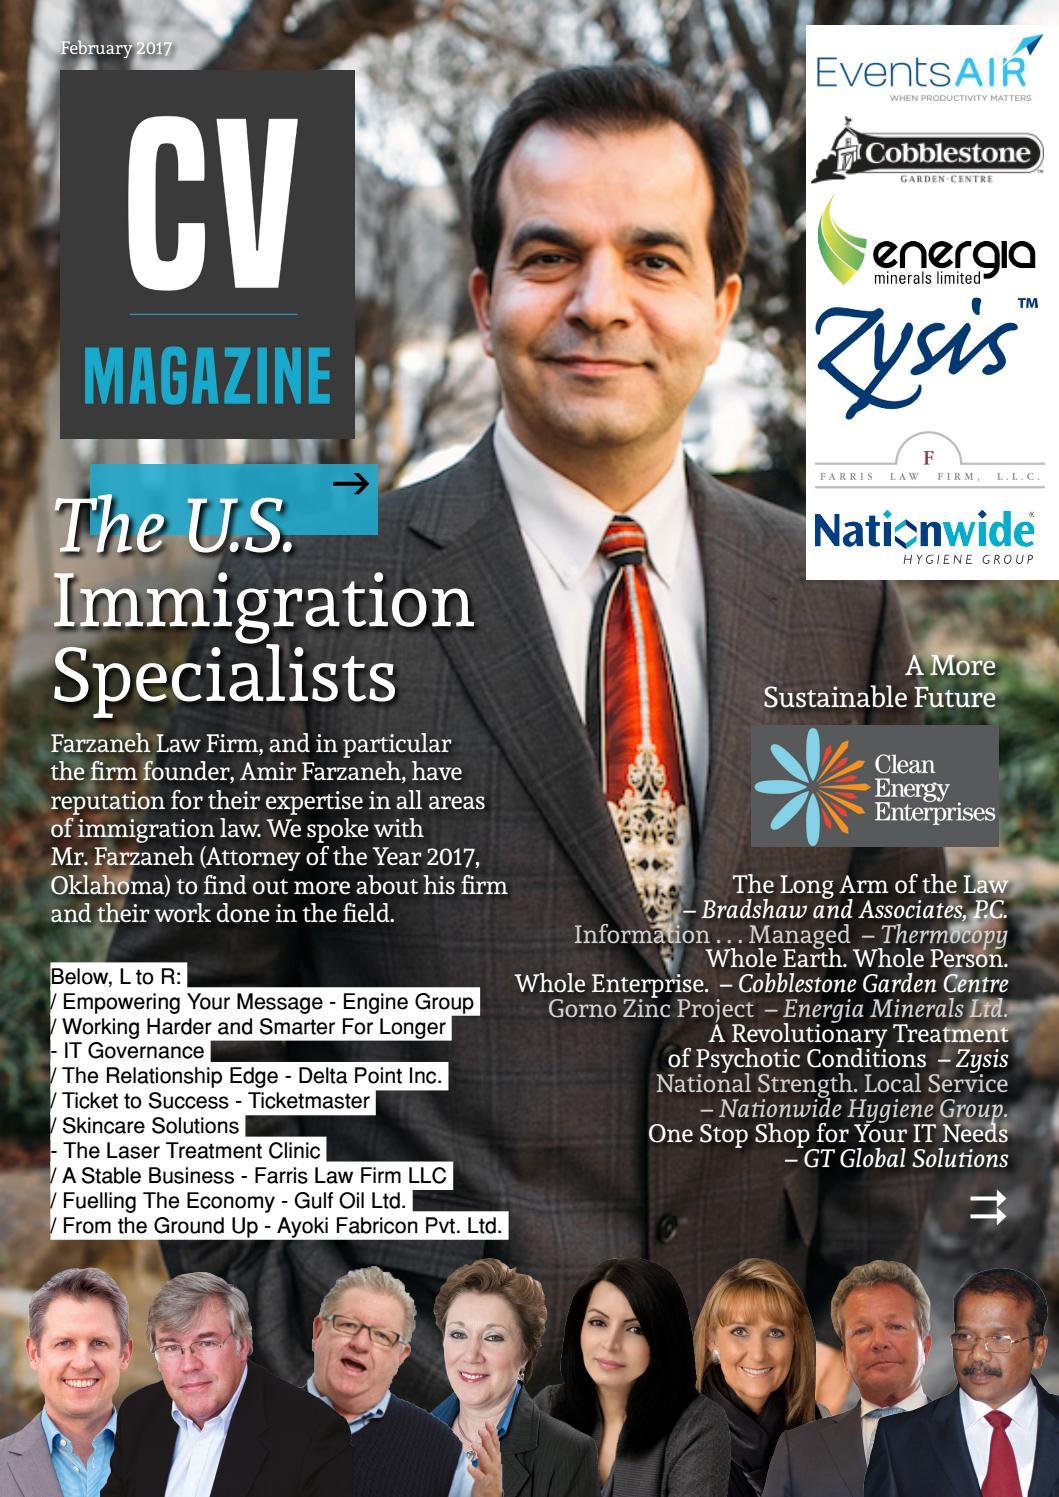 CV February 2017 by AI Global Media - issuu